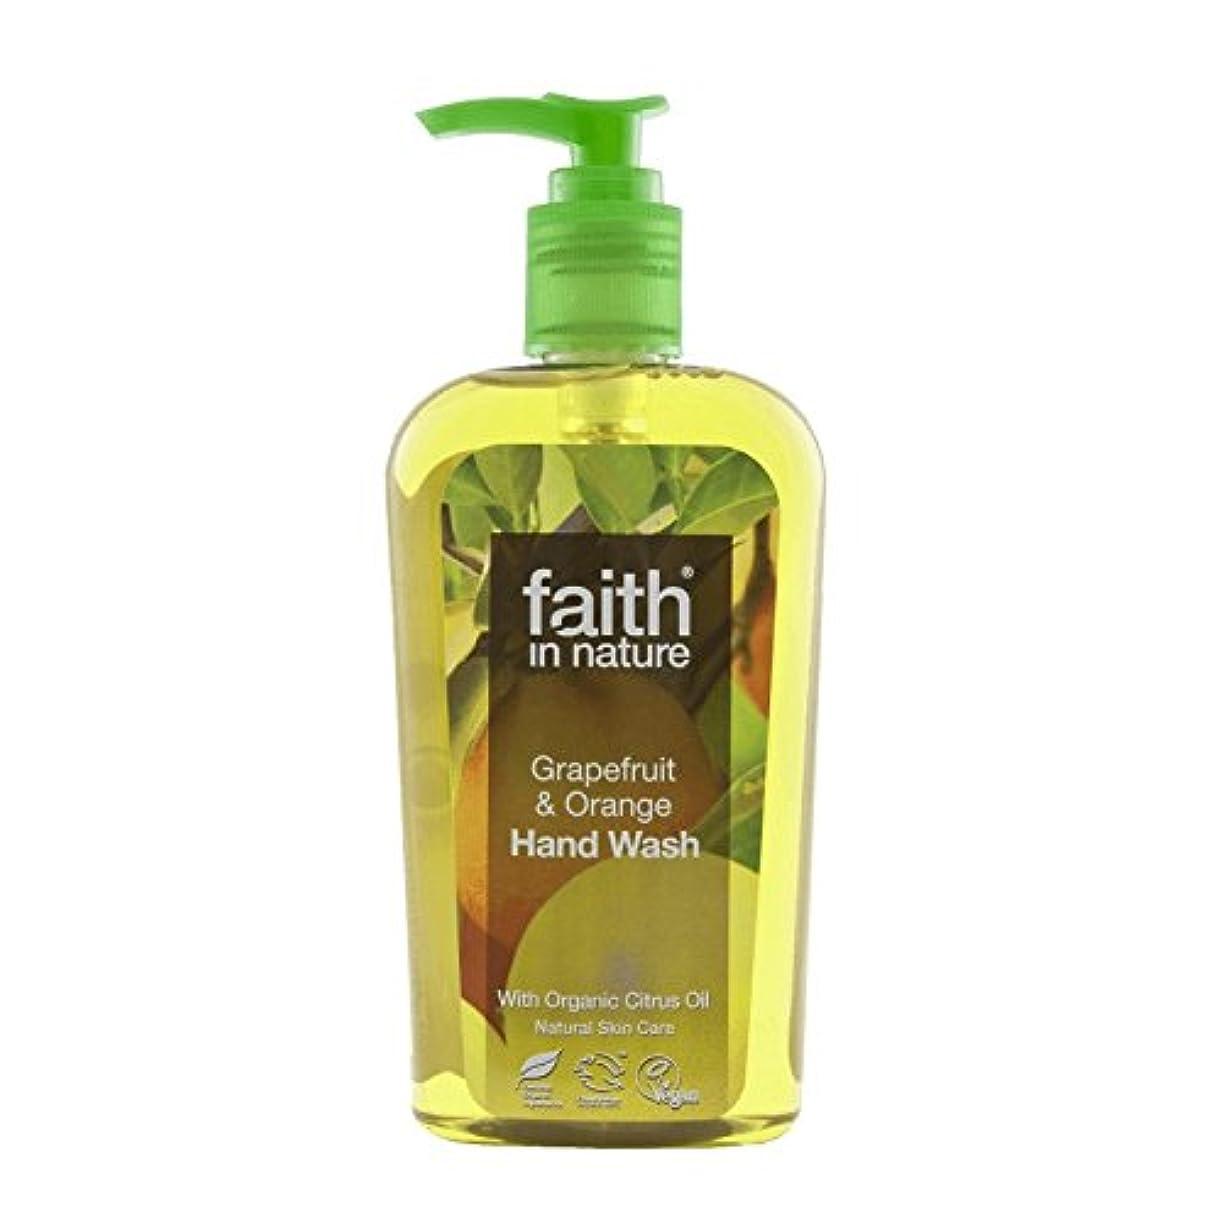 アクティブ単にいらいらさせる自然グレープフルーツ&オレンジ手洗いの300ミリリットルの信仰 - Faith In Nature Grapefruit & Orange Handwash 300ml (Faith in Nature) [並行輸入品]